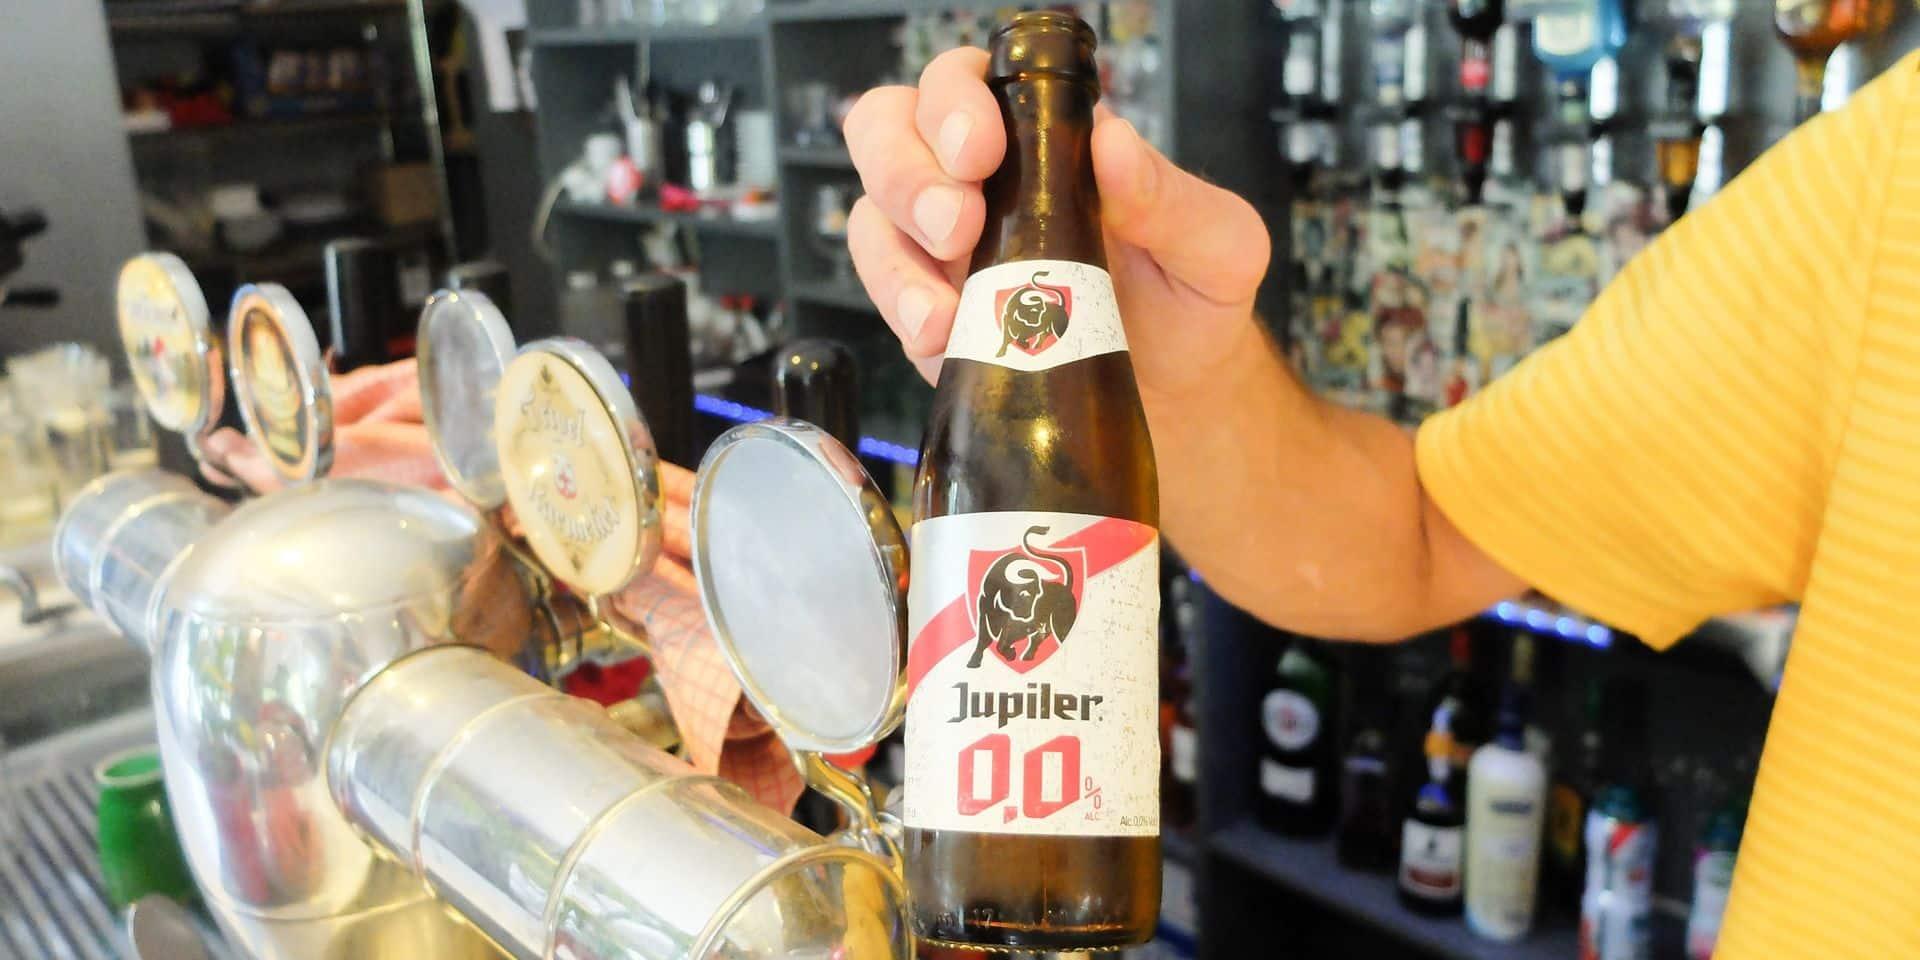 Les Belges toujours plus friands de bières sans alcool : une bonne alternative aux versions alcoolisées ?